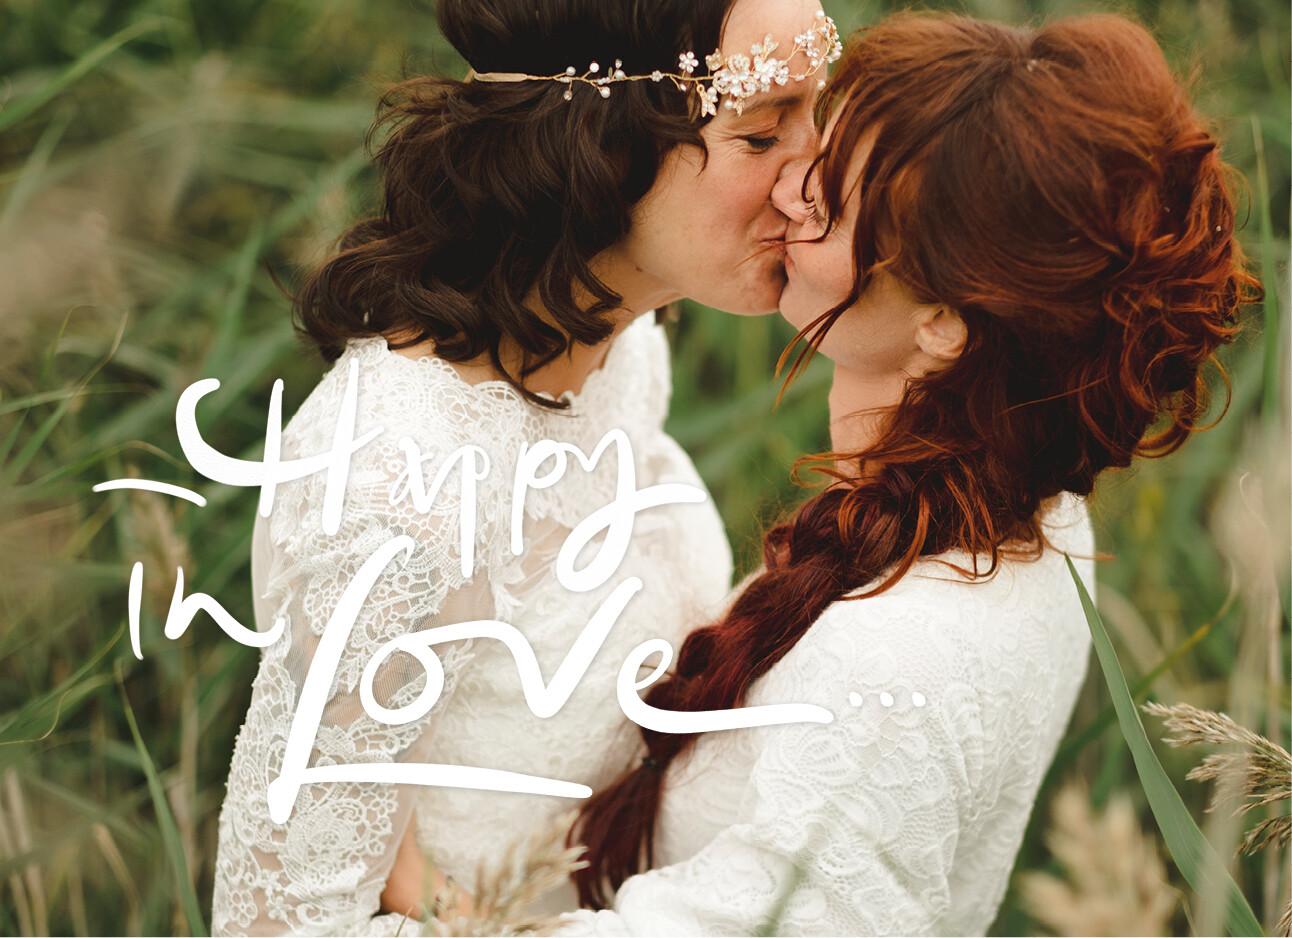 vrouw kussen tijdens hun bruiloft